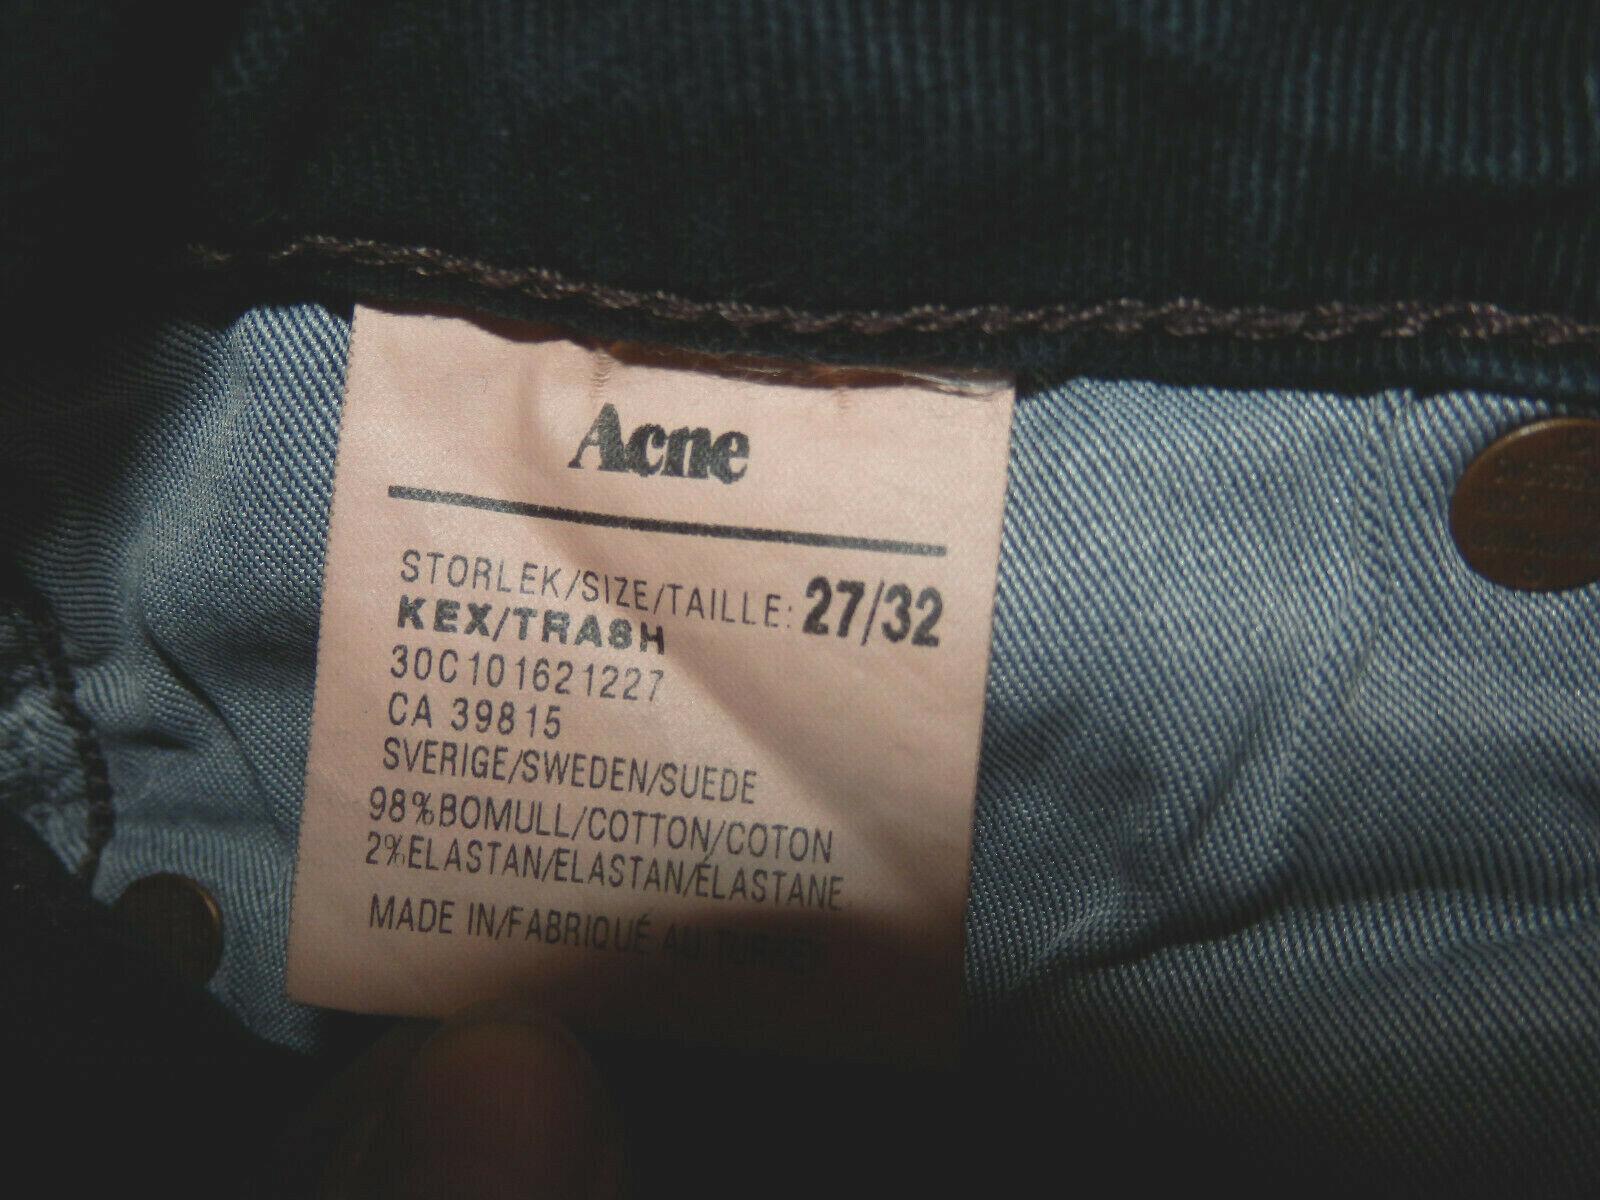 ACNE - Röhrenjeans - KEX TRASH - - - MARINE - t. 27 32 d.h. 37fr - authentisch a56949